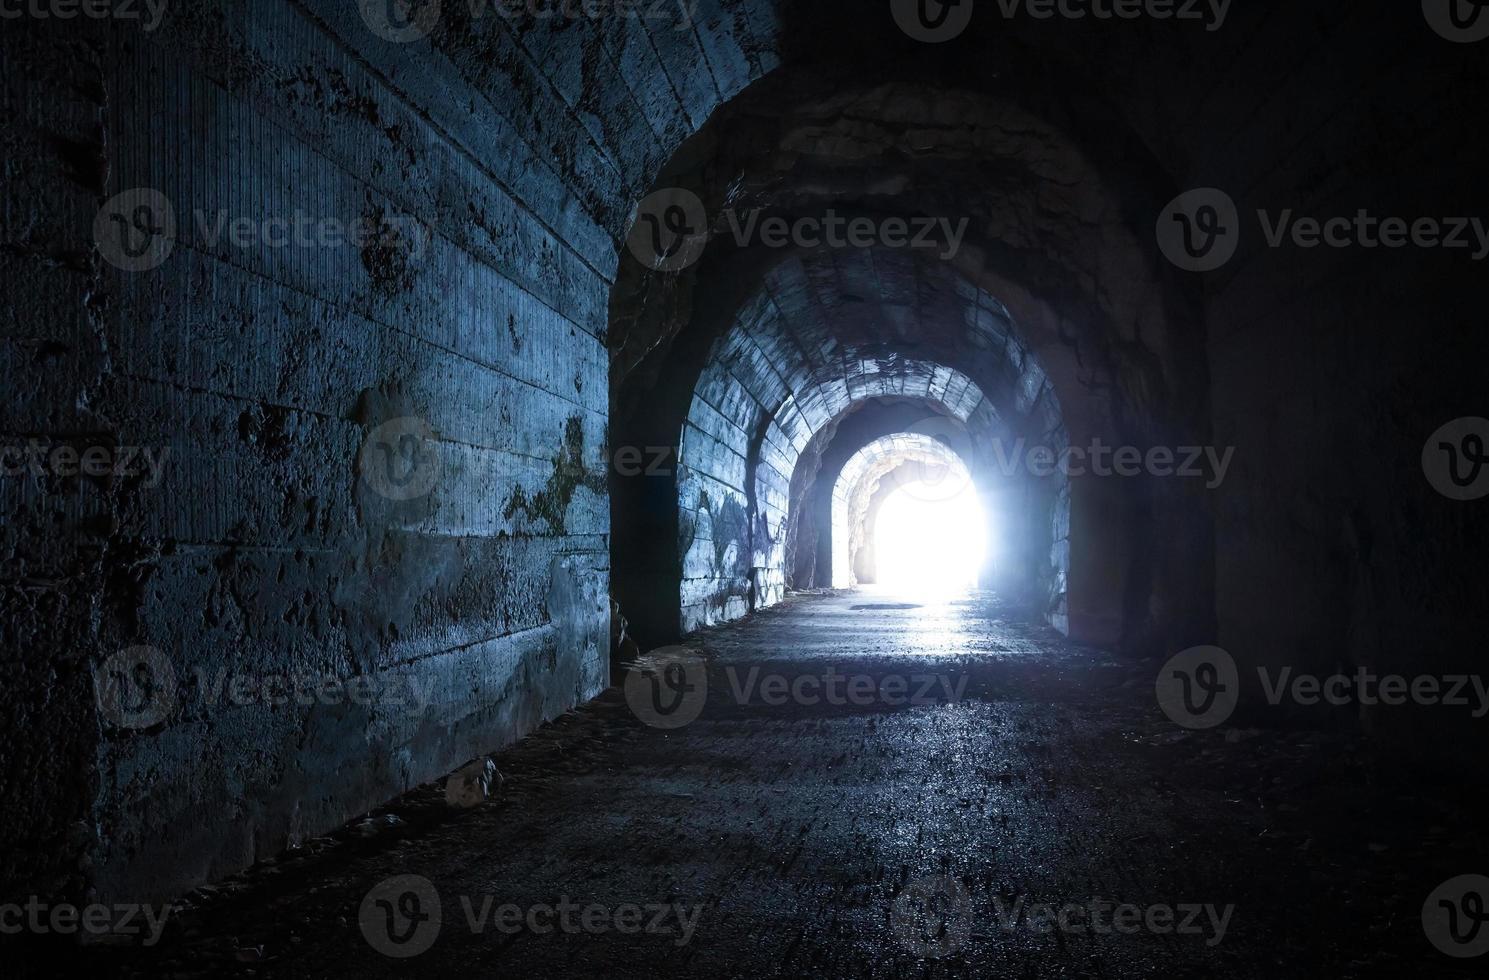 salida azul brillante del oscuro túnel abandonado foto